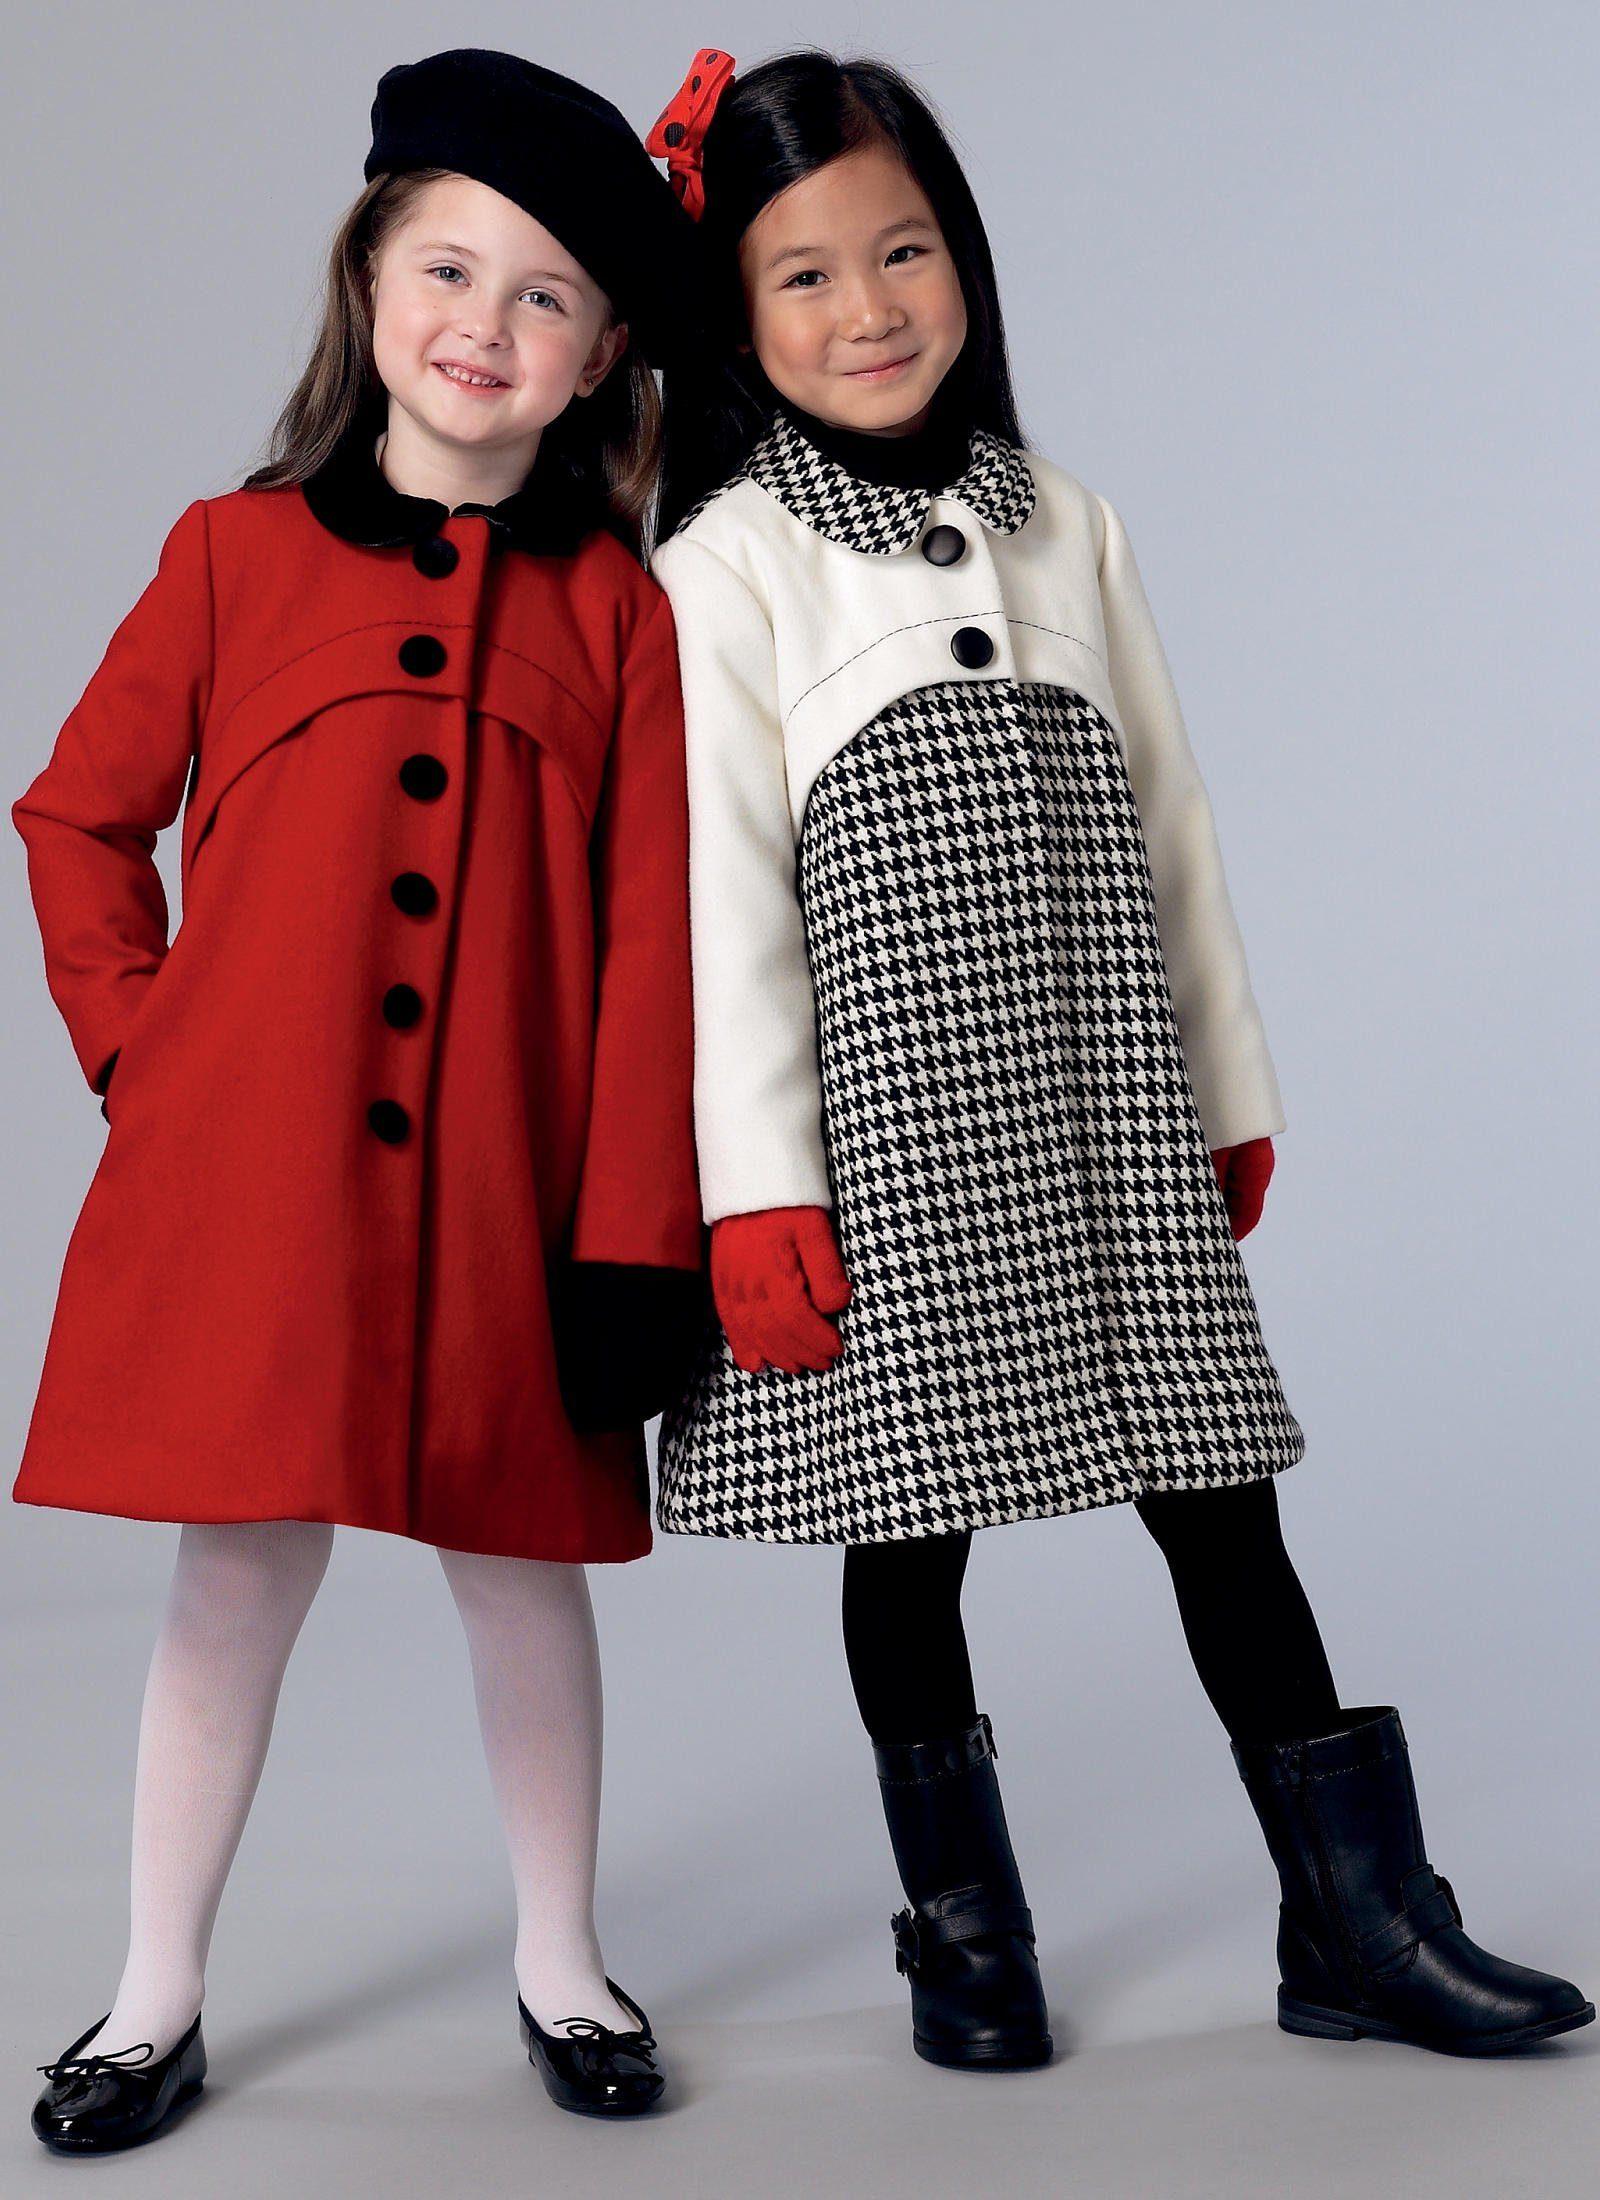 مدل پالتو بچگانه دخترانه 2021 کره ای